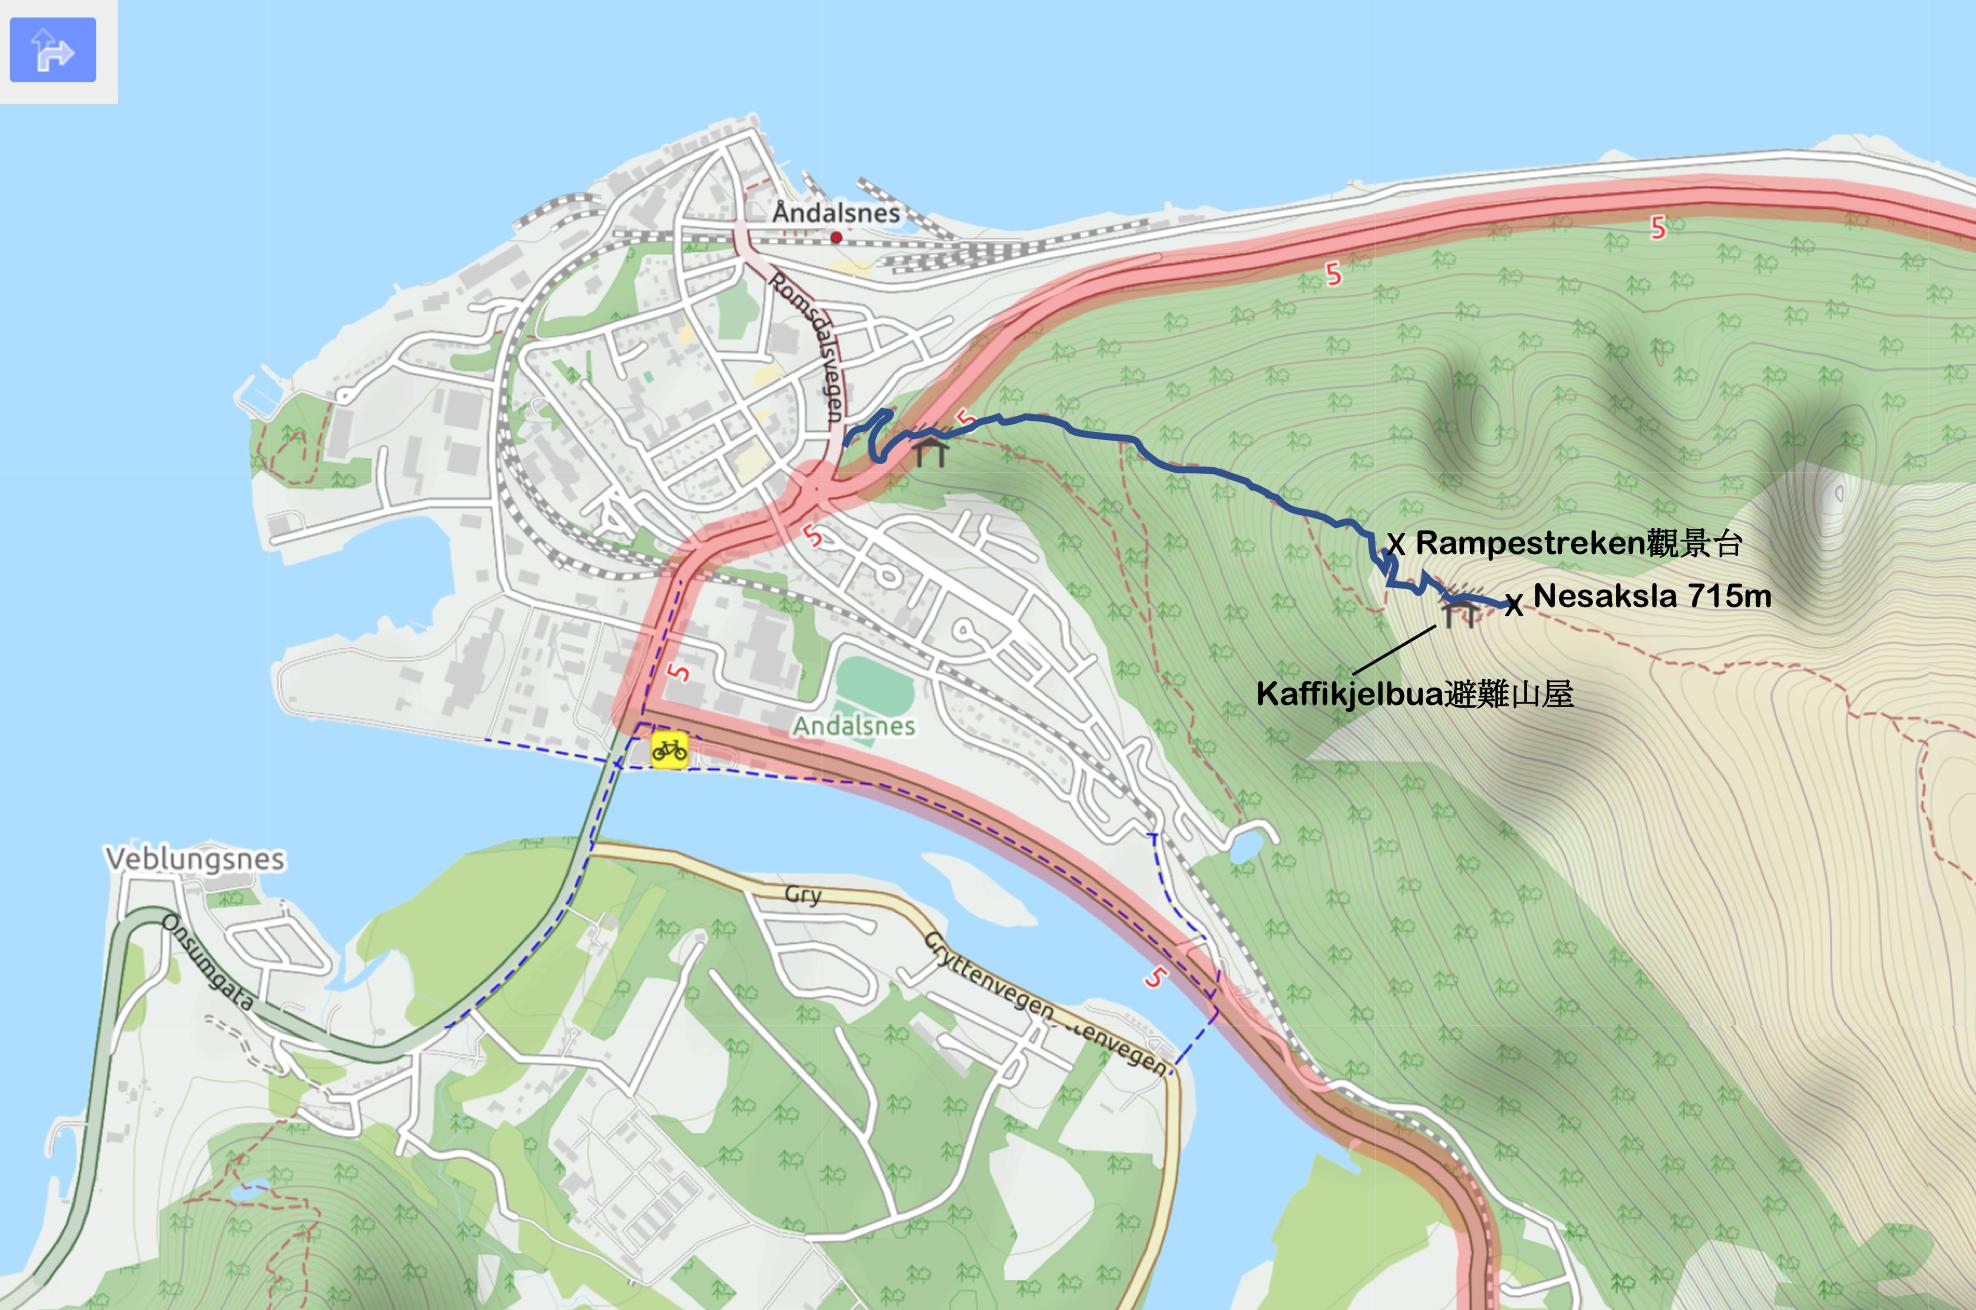 【北歐景點】峽灣區起點Åndalsnes健行 - 鳥瞰峽灣全景的Rampestreken觀景台 2